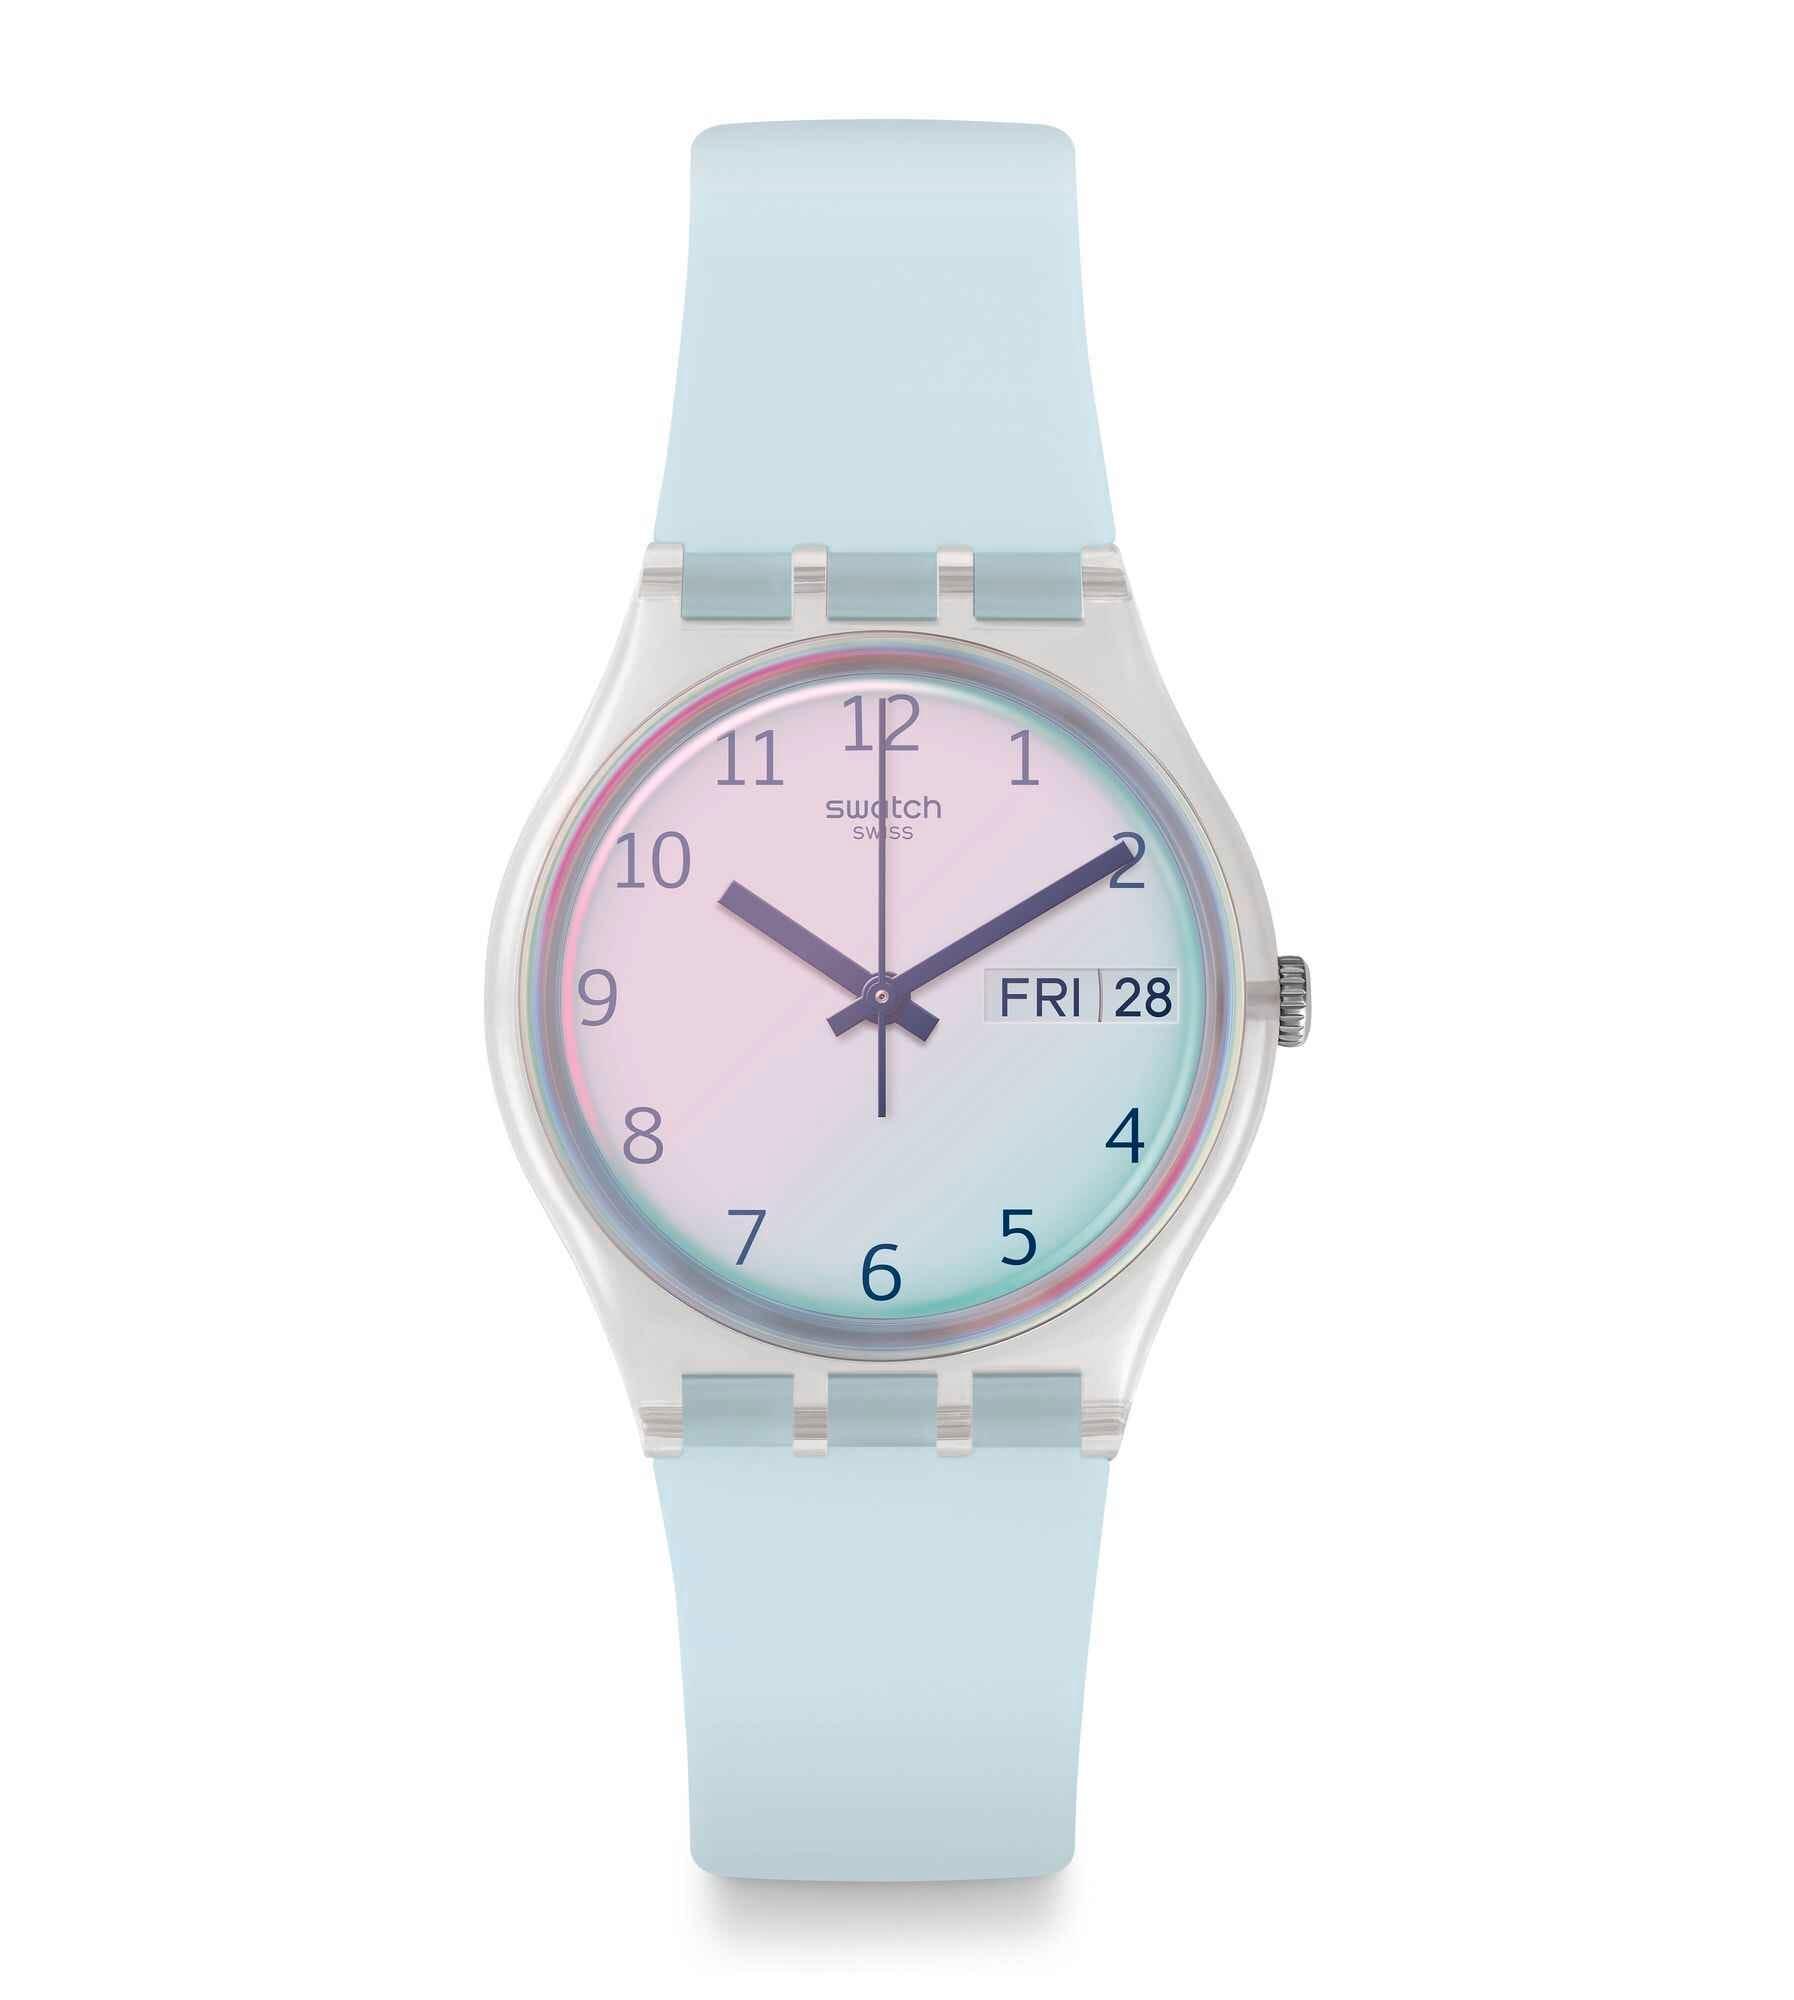 Swatch Azul Azul Claro Swatch Claro Claro Reloj Reloj Swatch Azul Reloj AjL354Rq